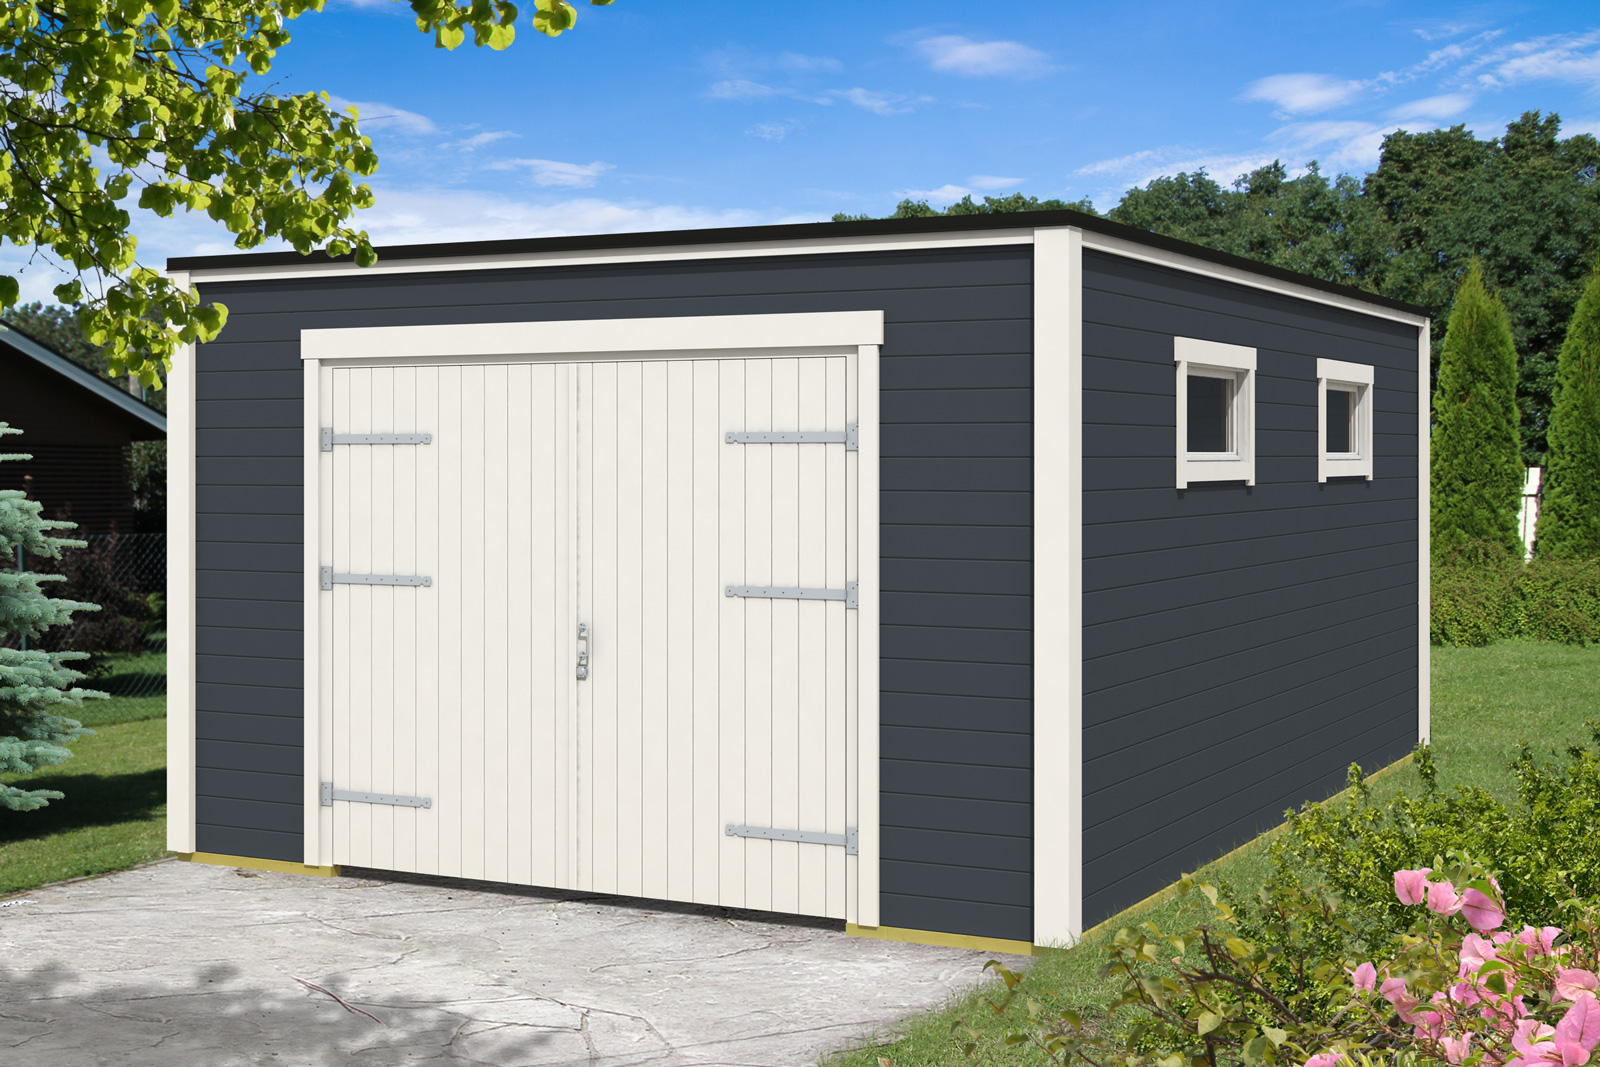 holzgarage modell cubus 40 mit 2 flg holztor. Black Bedroom Furniture Sets. Home Design Ideas